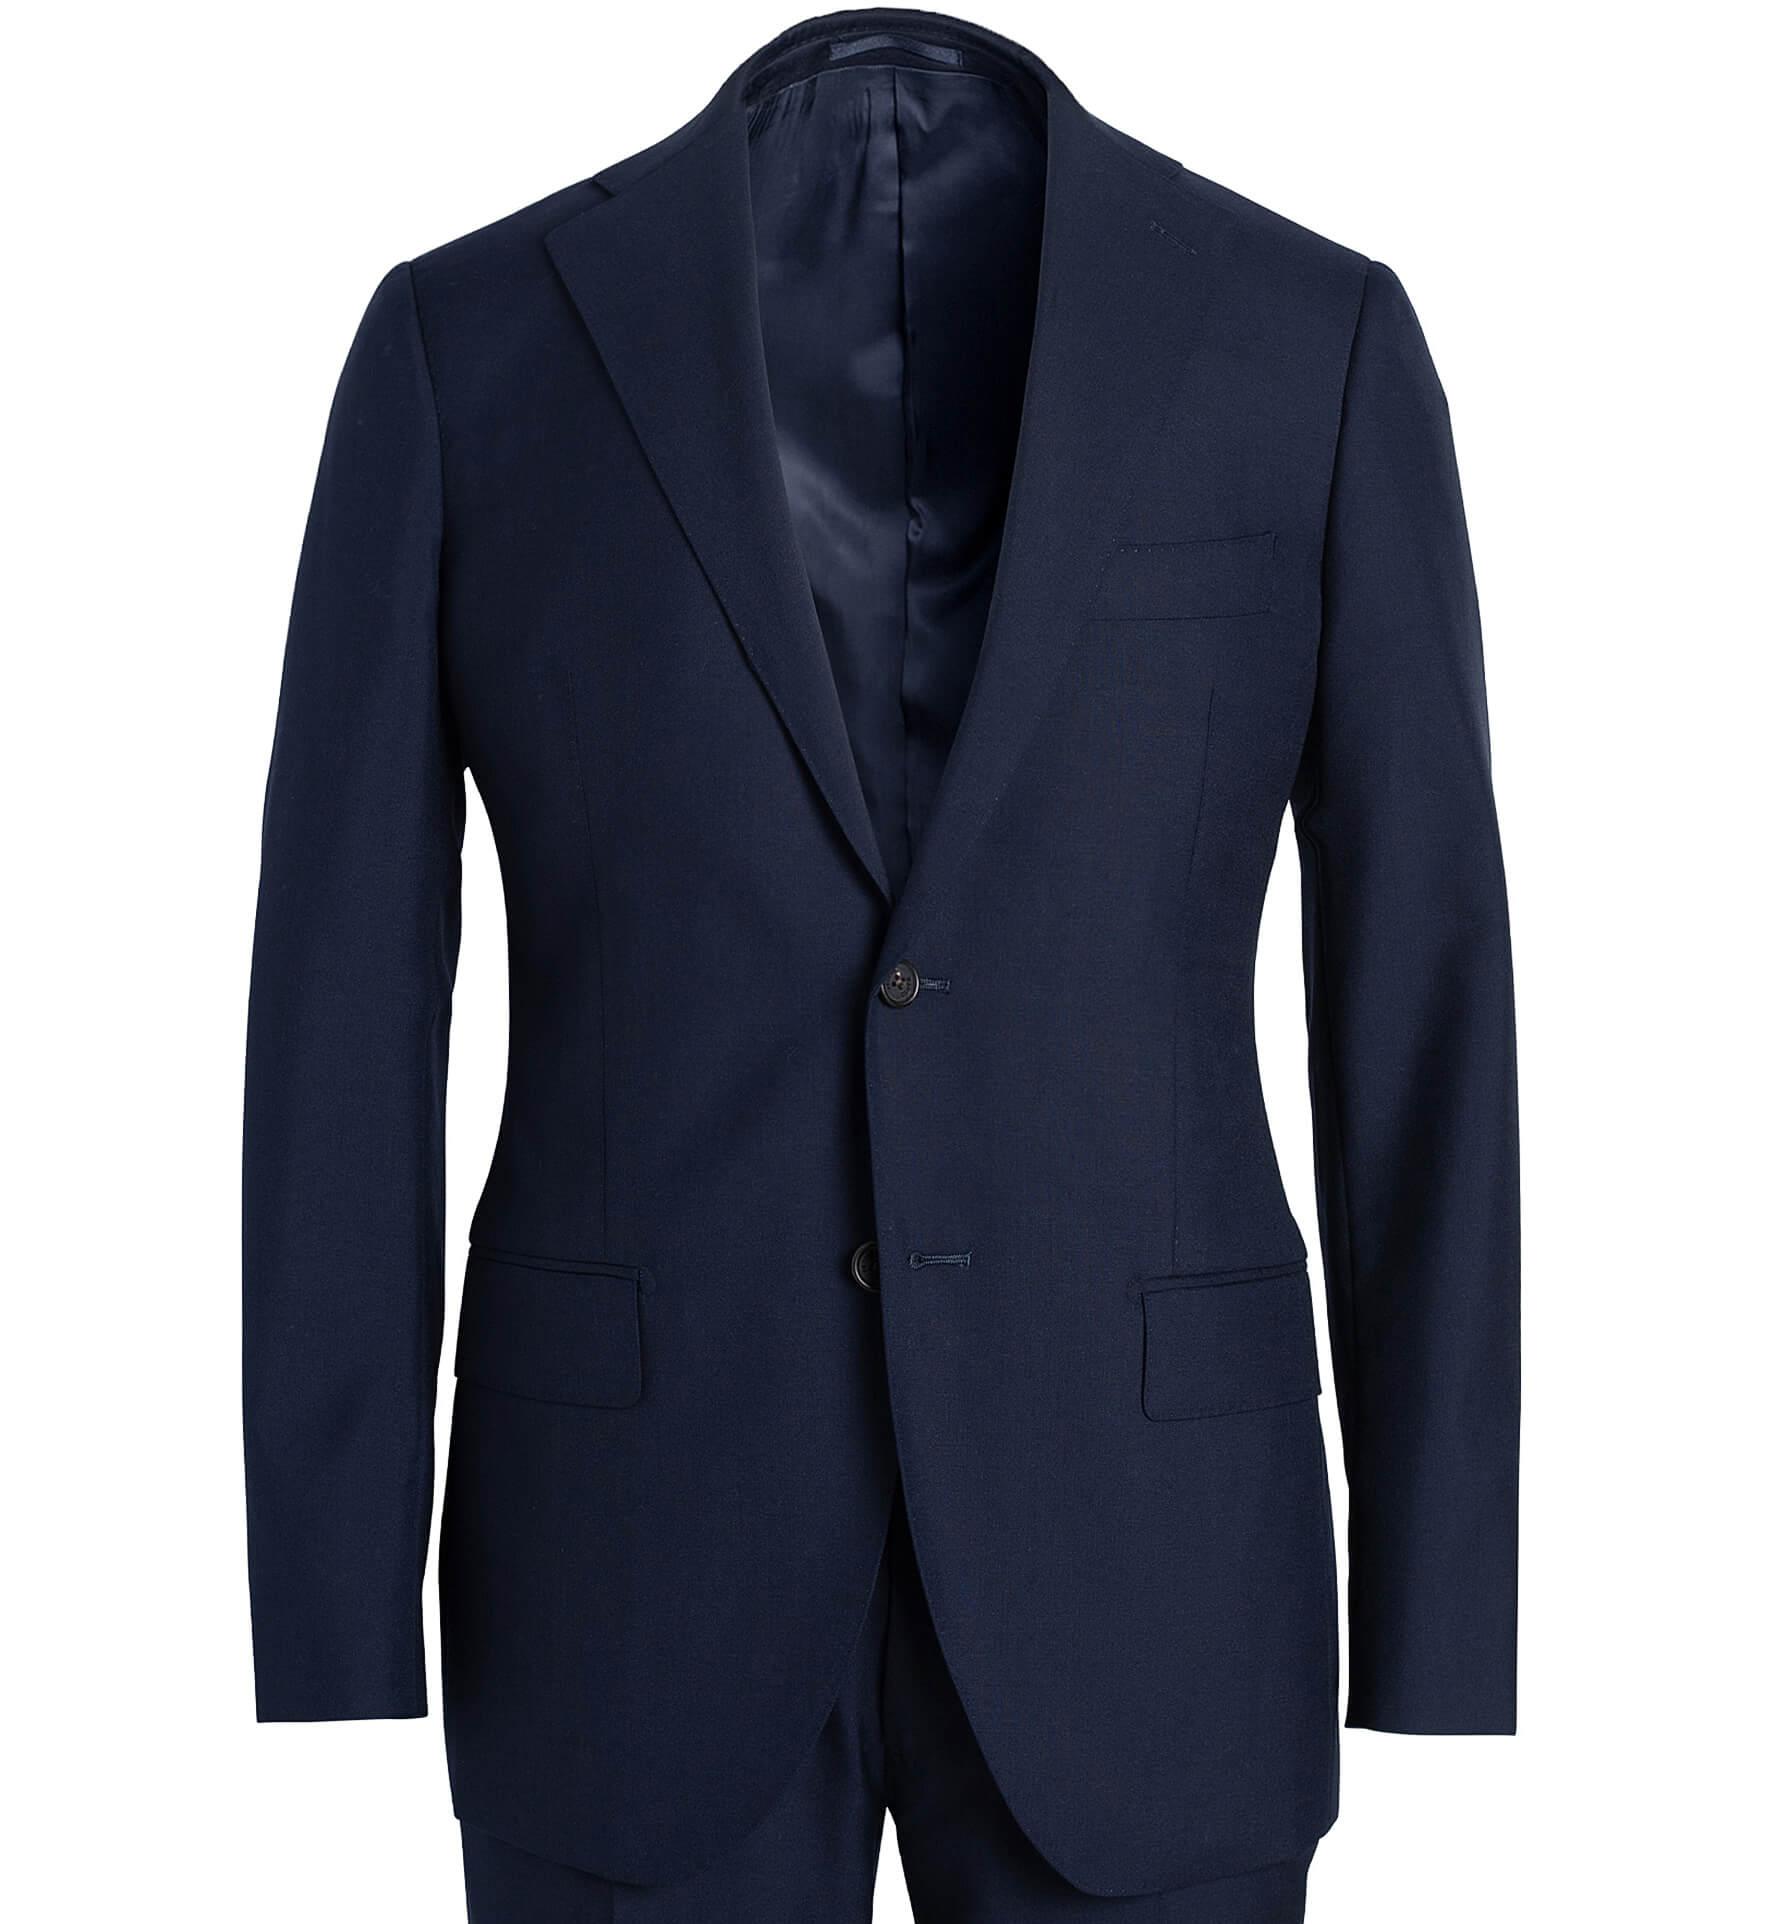 Zoom Image of Allen Navy Tropical Wool Fresco Suit Jacket